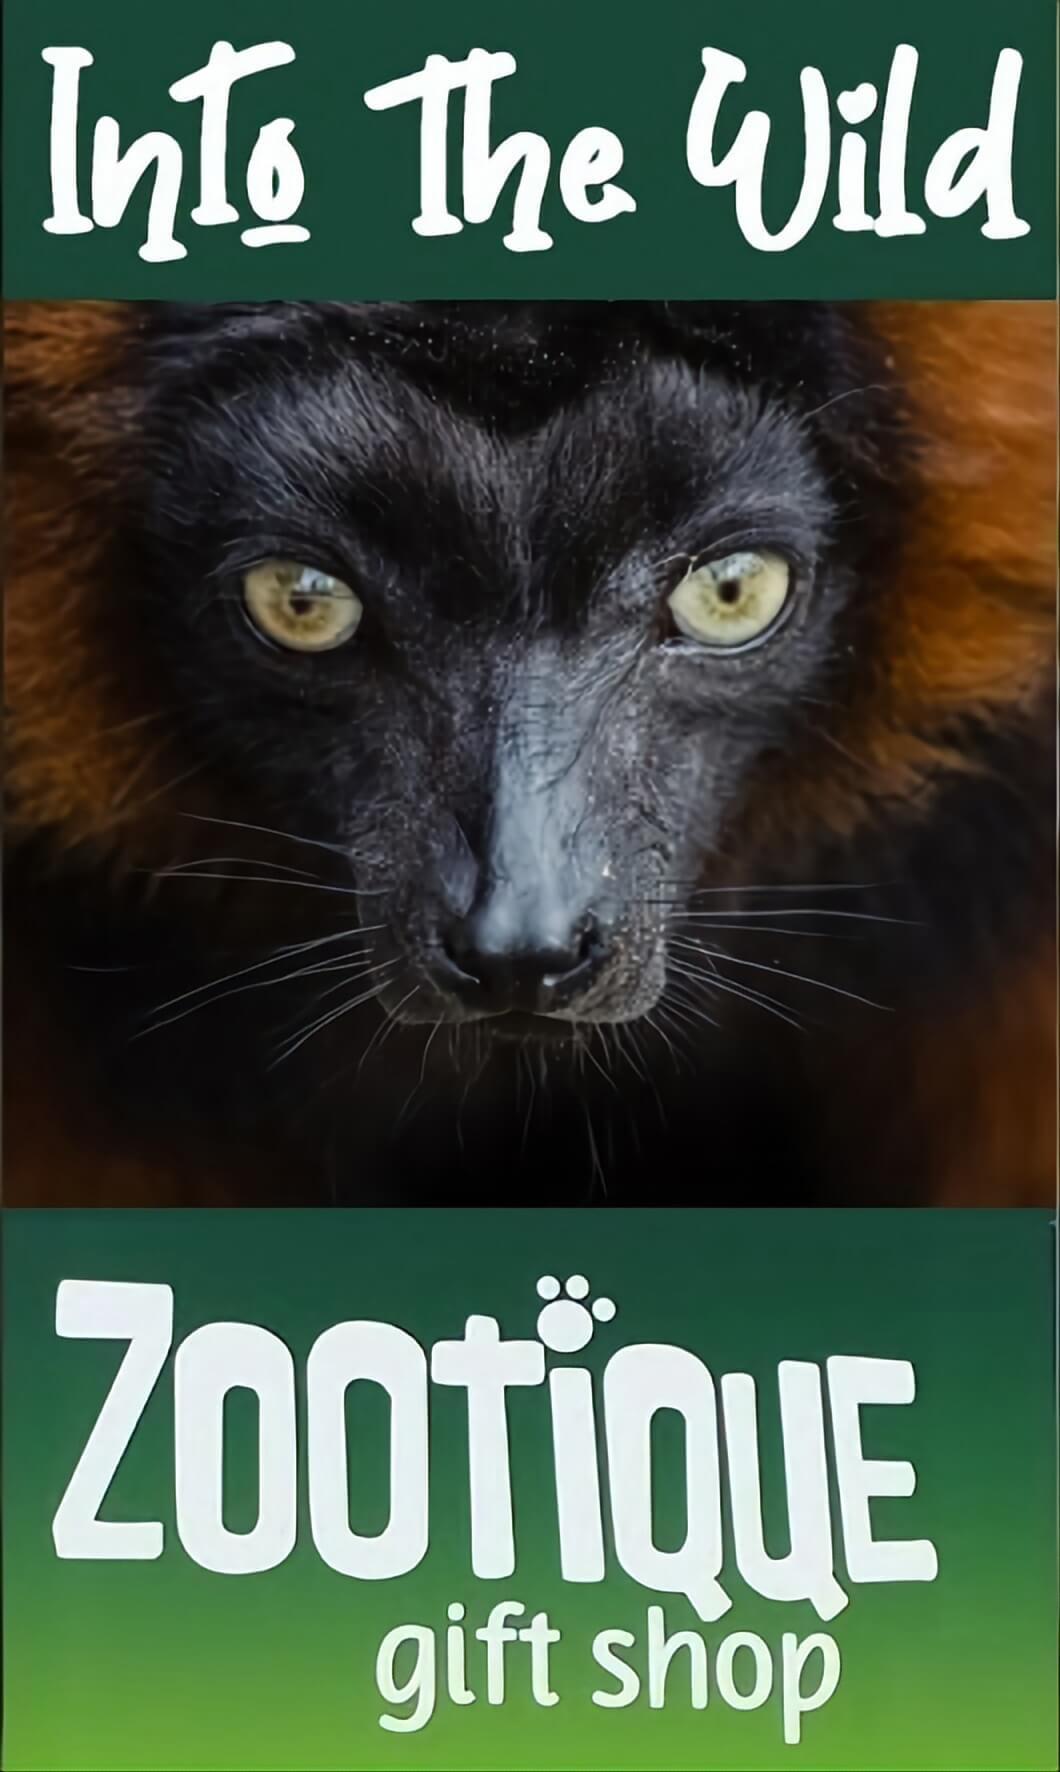 Into the Wild Zootique logo